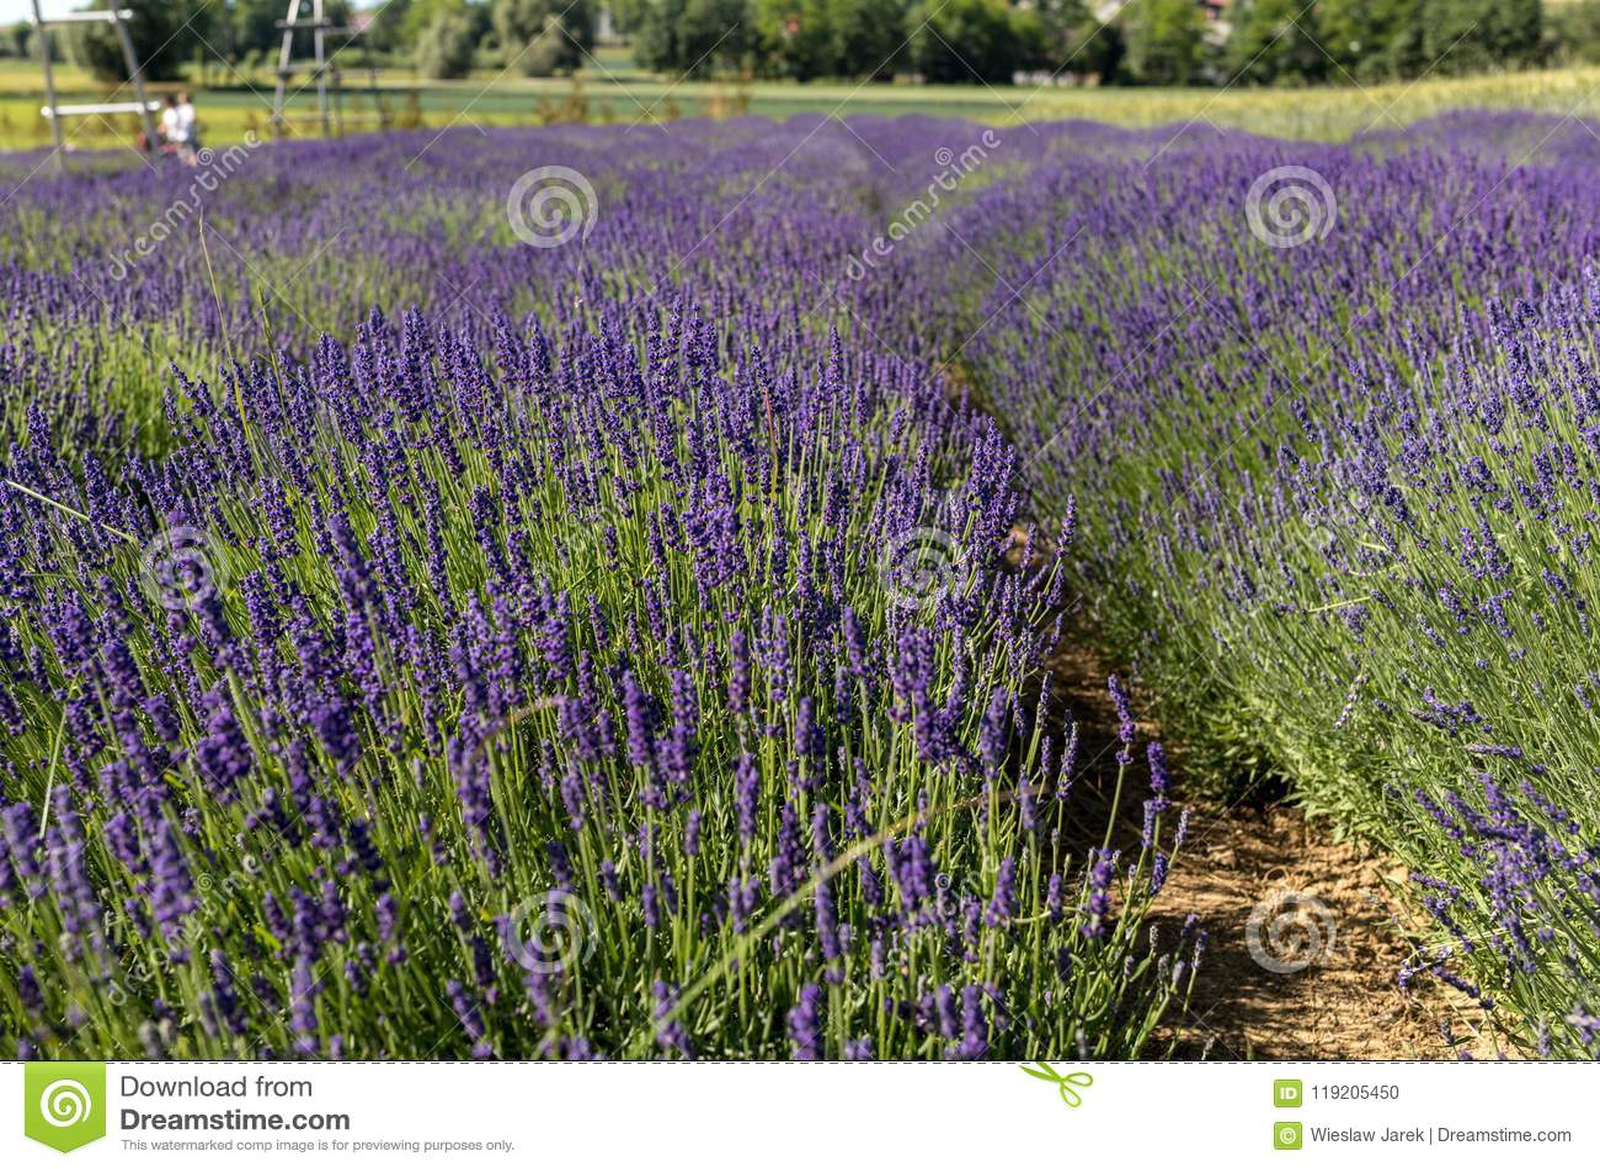 Garten voll des Lavendels in OstrÃ-³ w 40 Kilometer von Krakau Der Geruch und die Farbe des Lavendels erlaubt Besuchern, wie in P